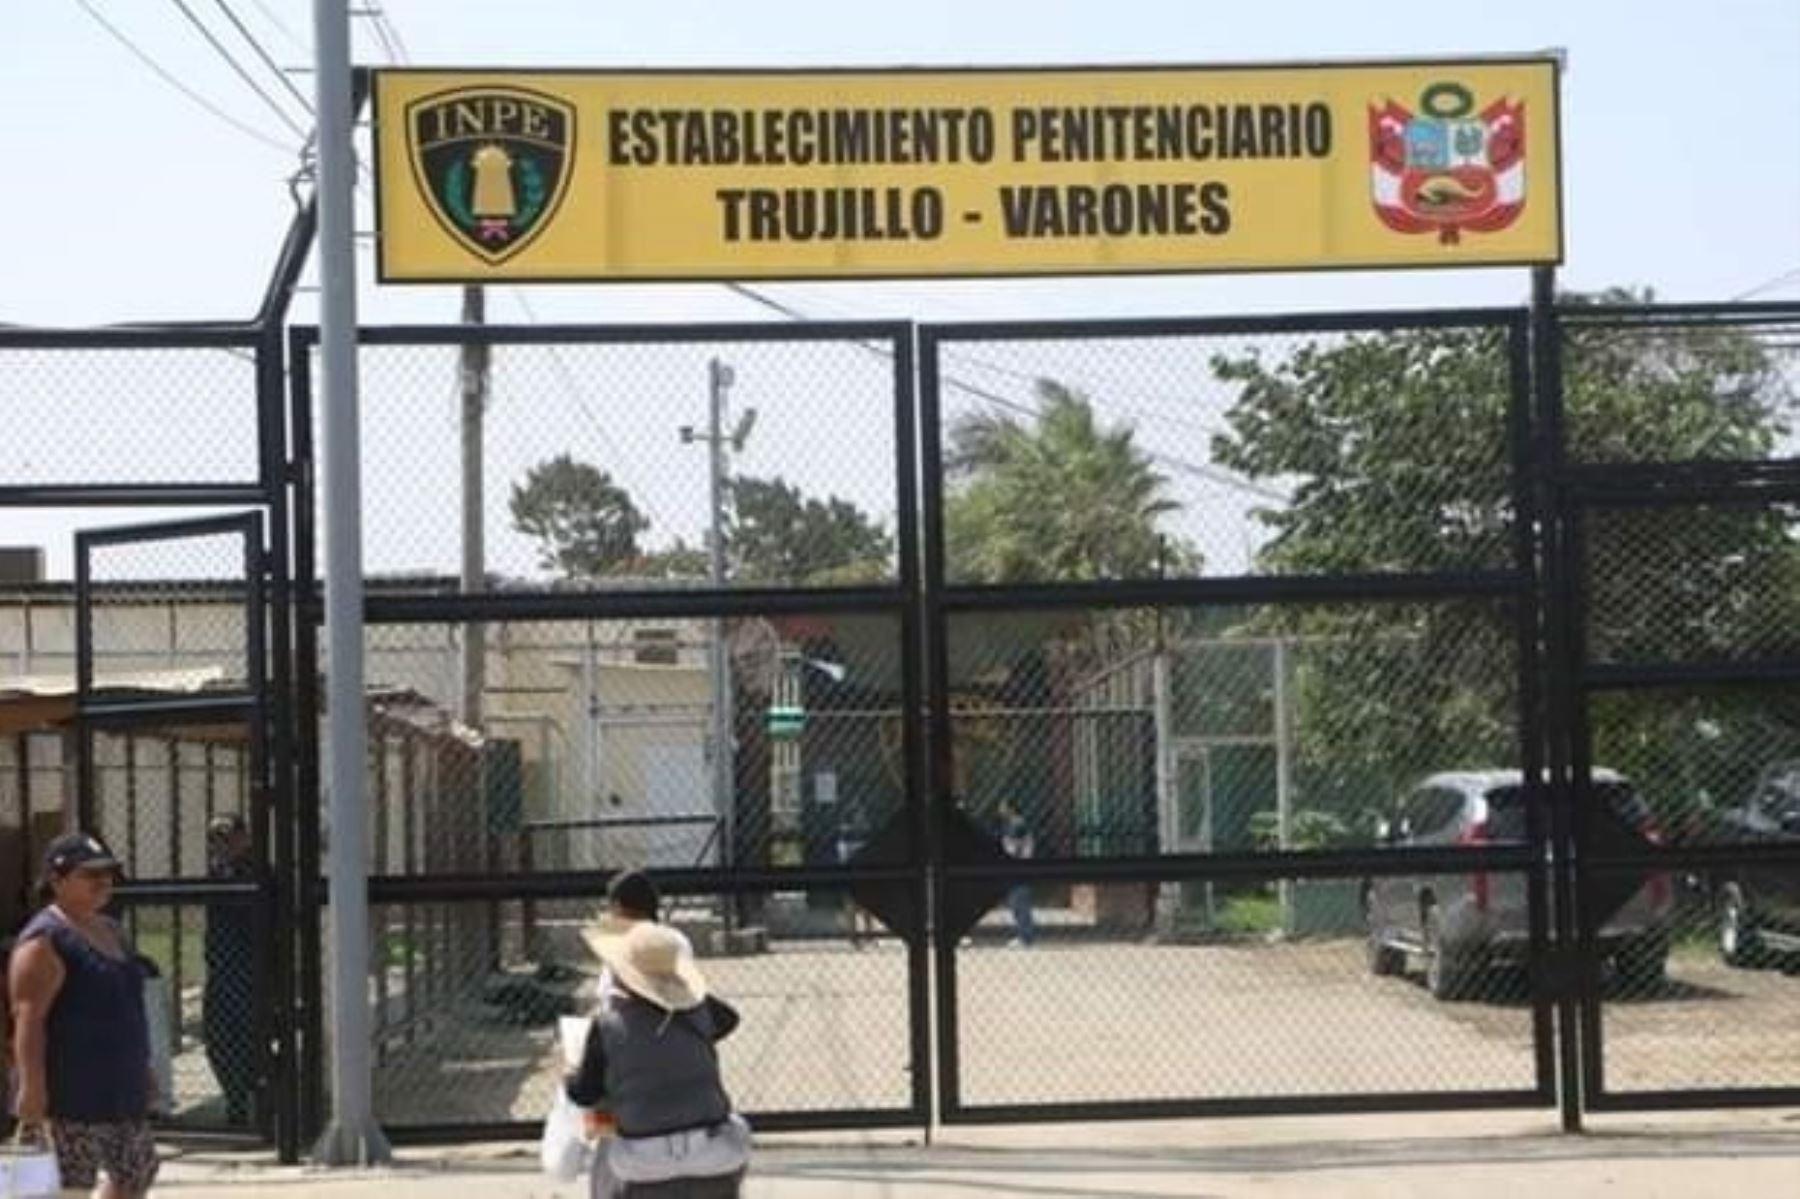 Cinco internos del penal El Milagro de Trujillo dan positivo al coronavirus (covid-19).